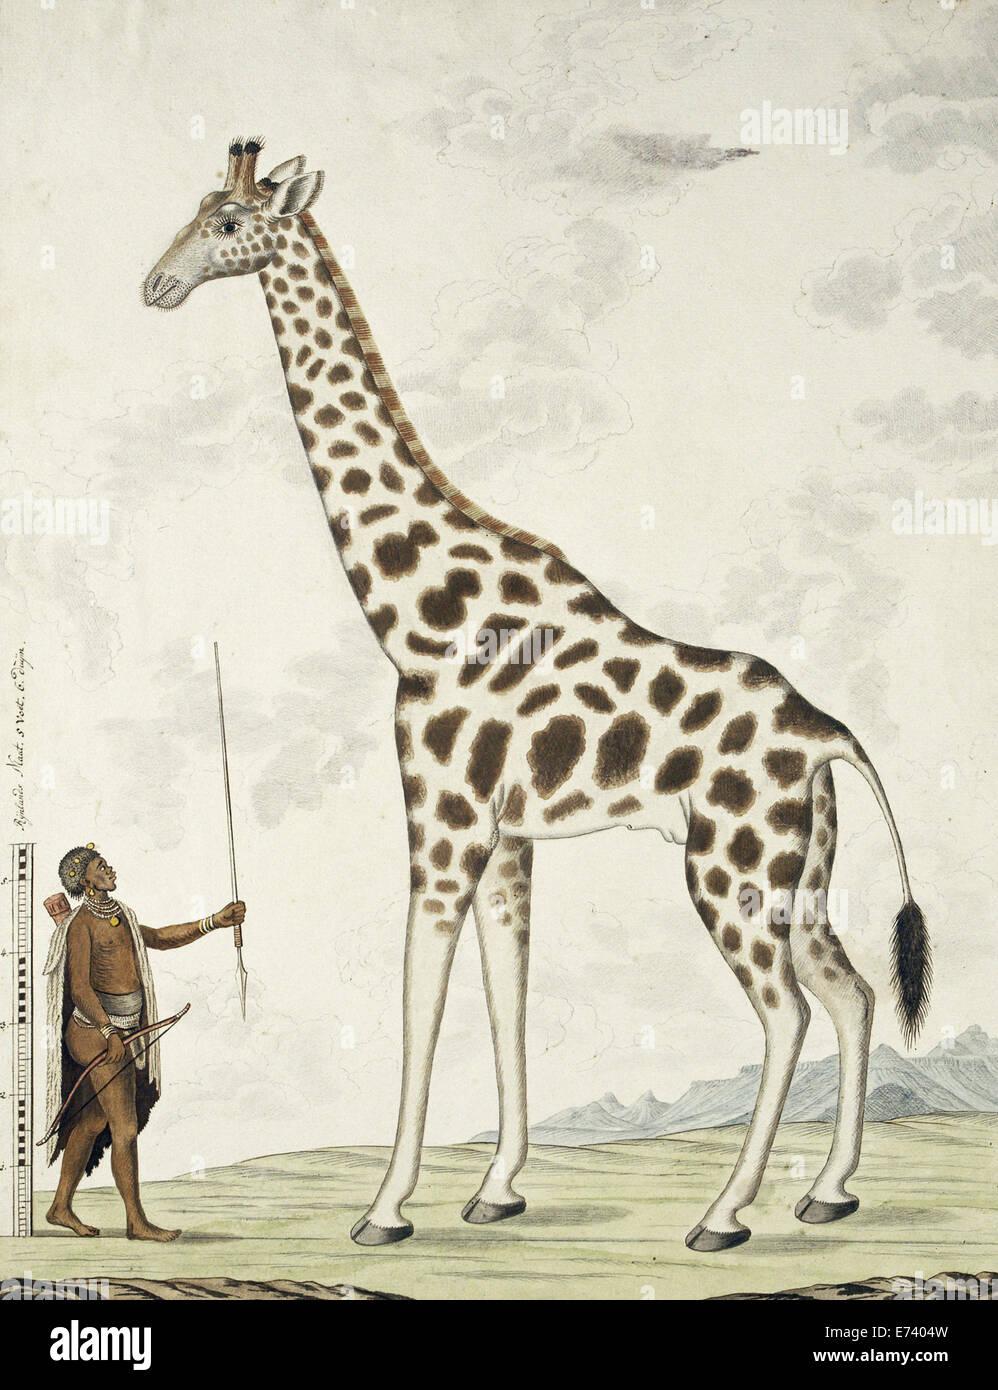 Giraffe (Giraffa Plancius), Hottentotten-Krieger und einer Skala - von Robert Jacob Gordon, 1779 Stockbild